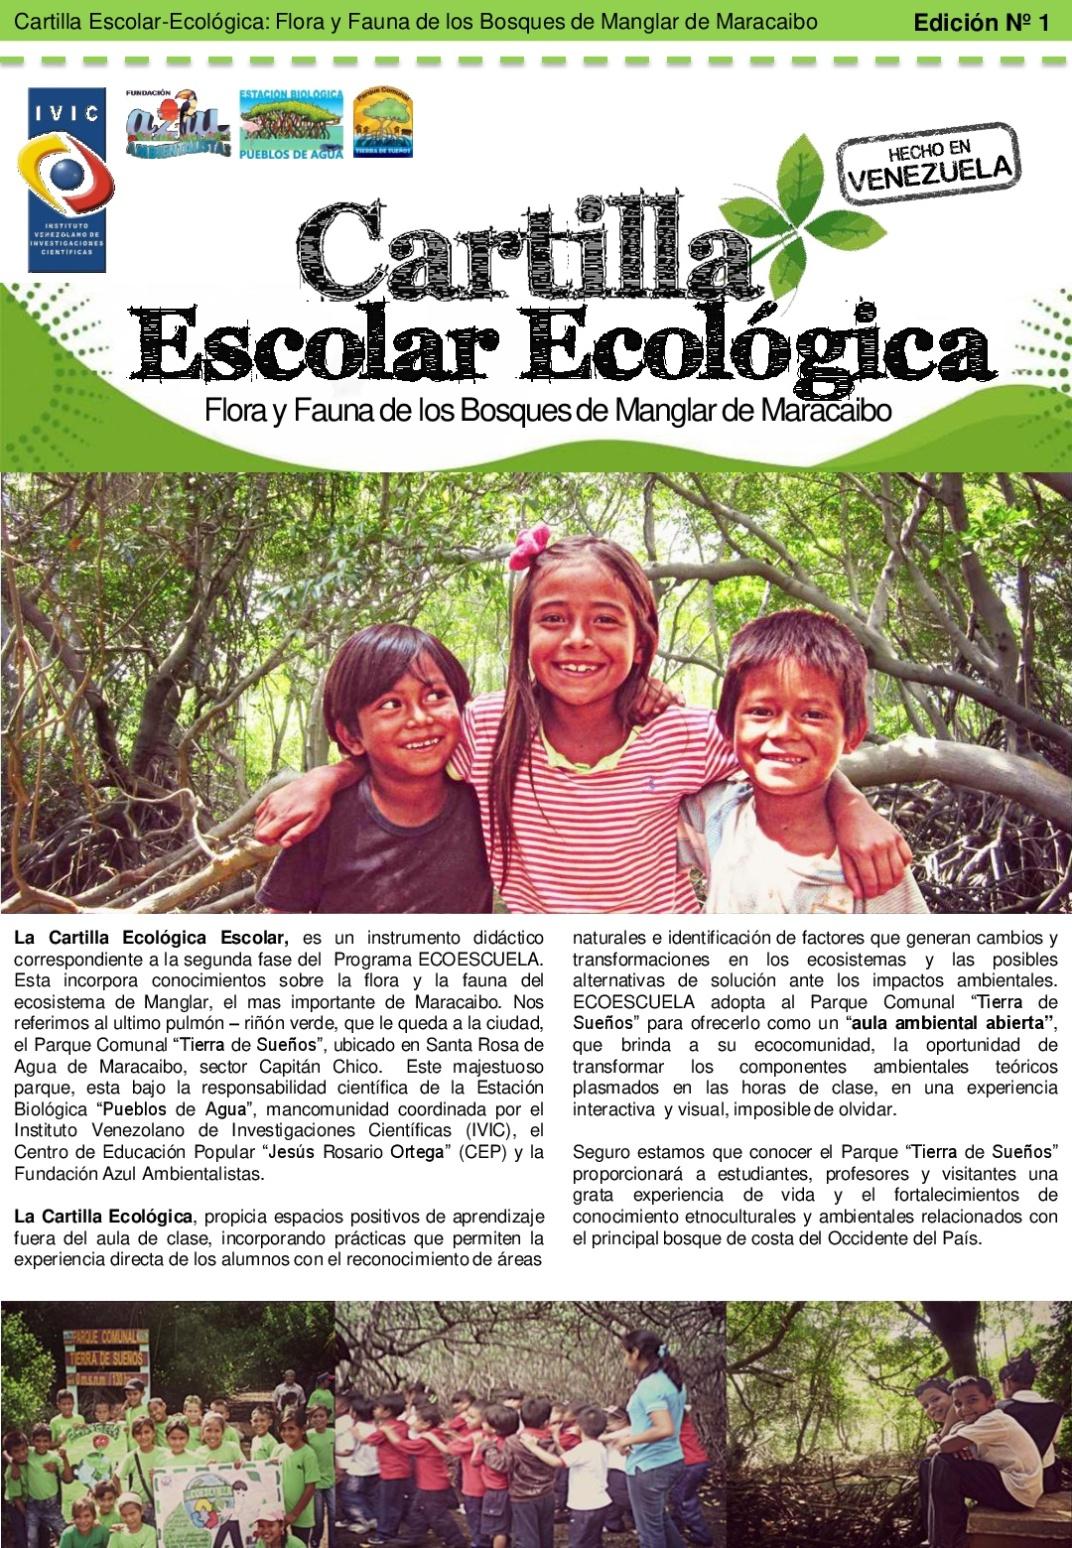 cartilla-escolar-ecologica-edicion-01-001